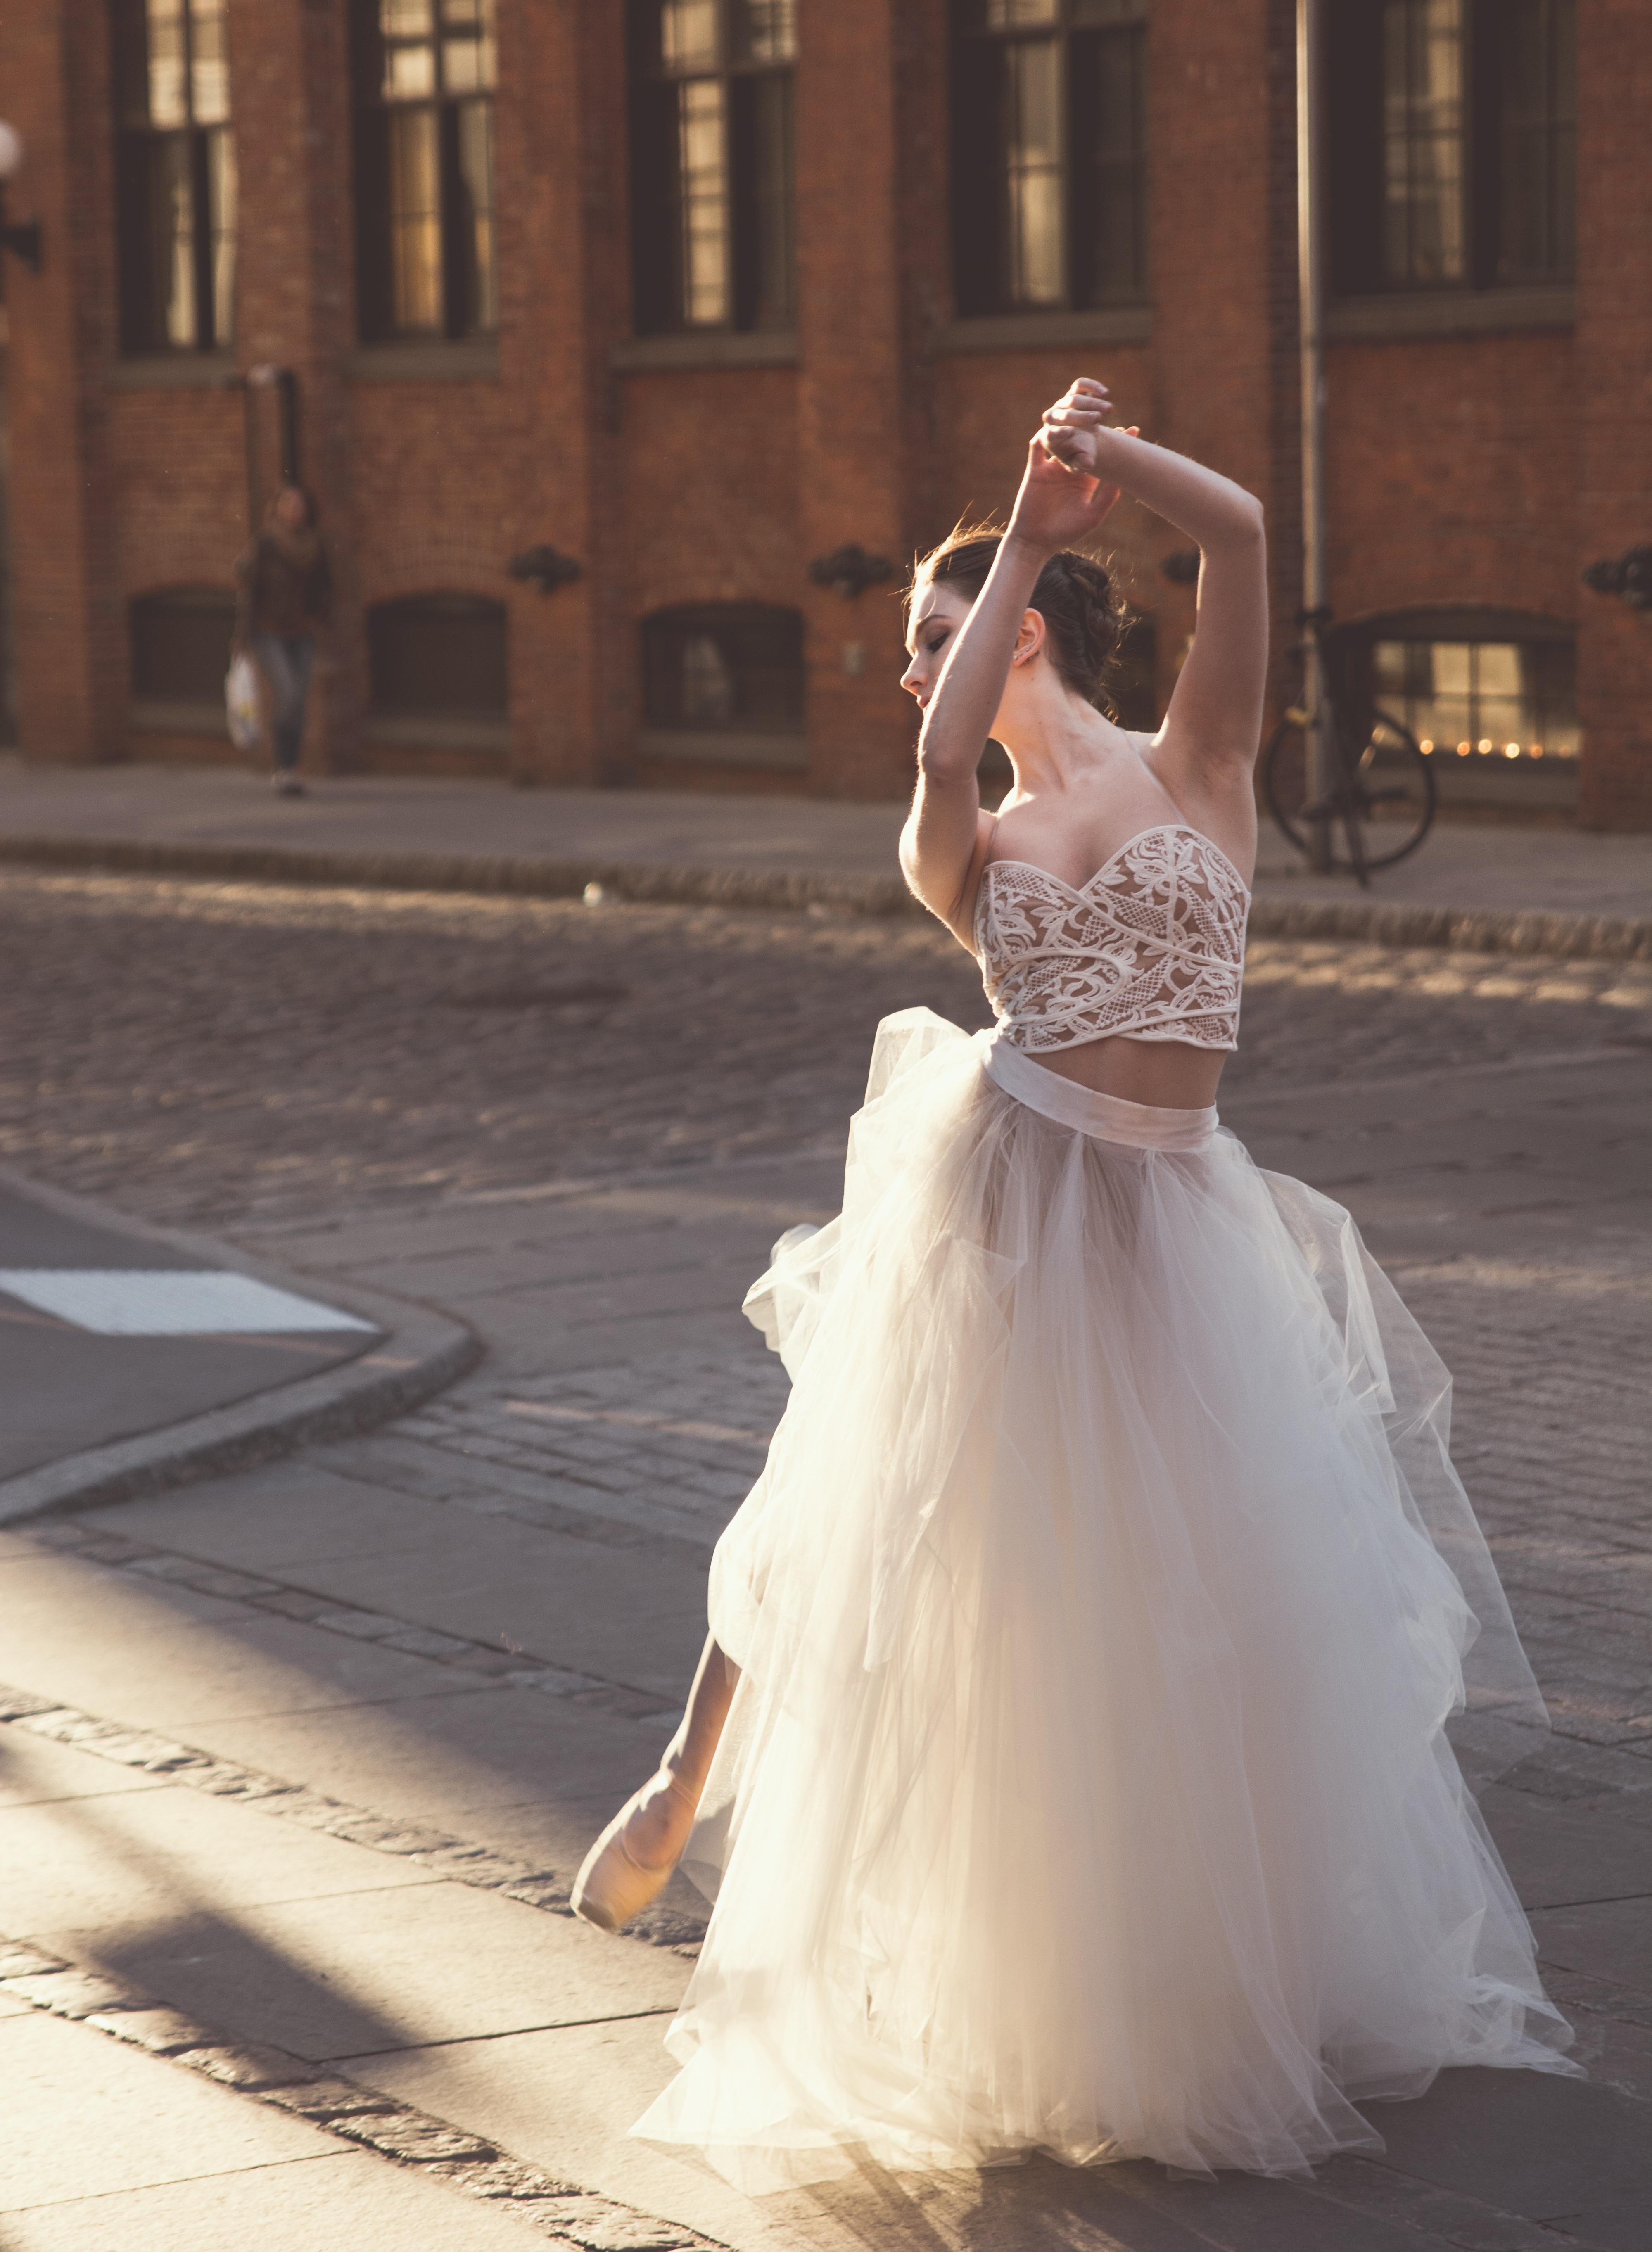 Kostenlose foto : Person, Frau, Weiß, Straße, Mode, Kleidung ...